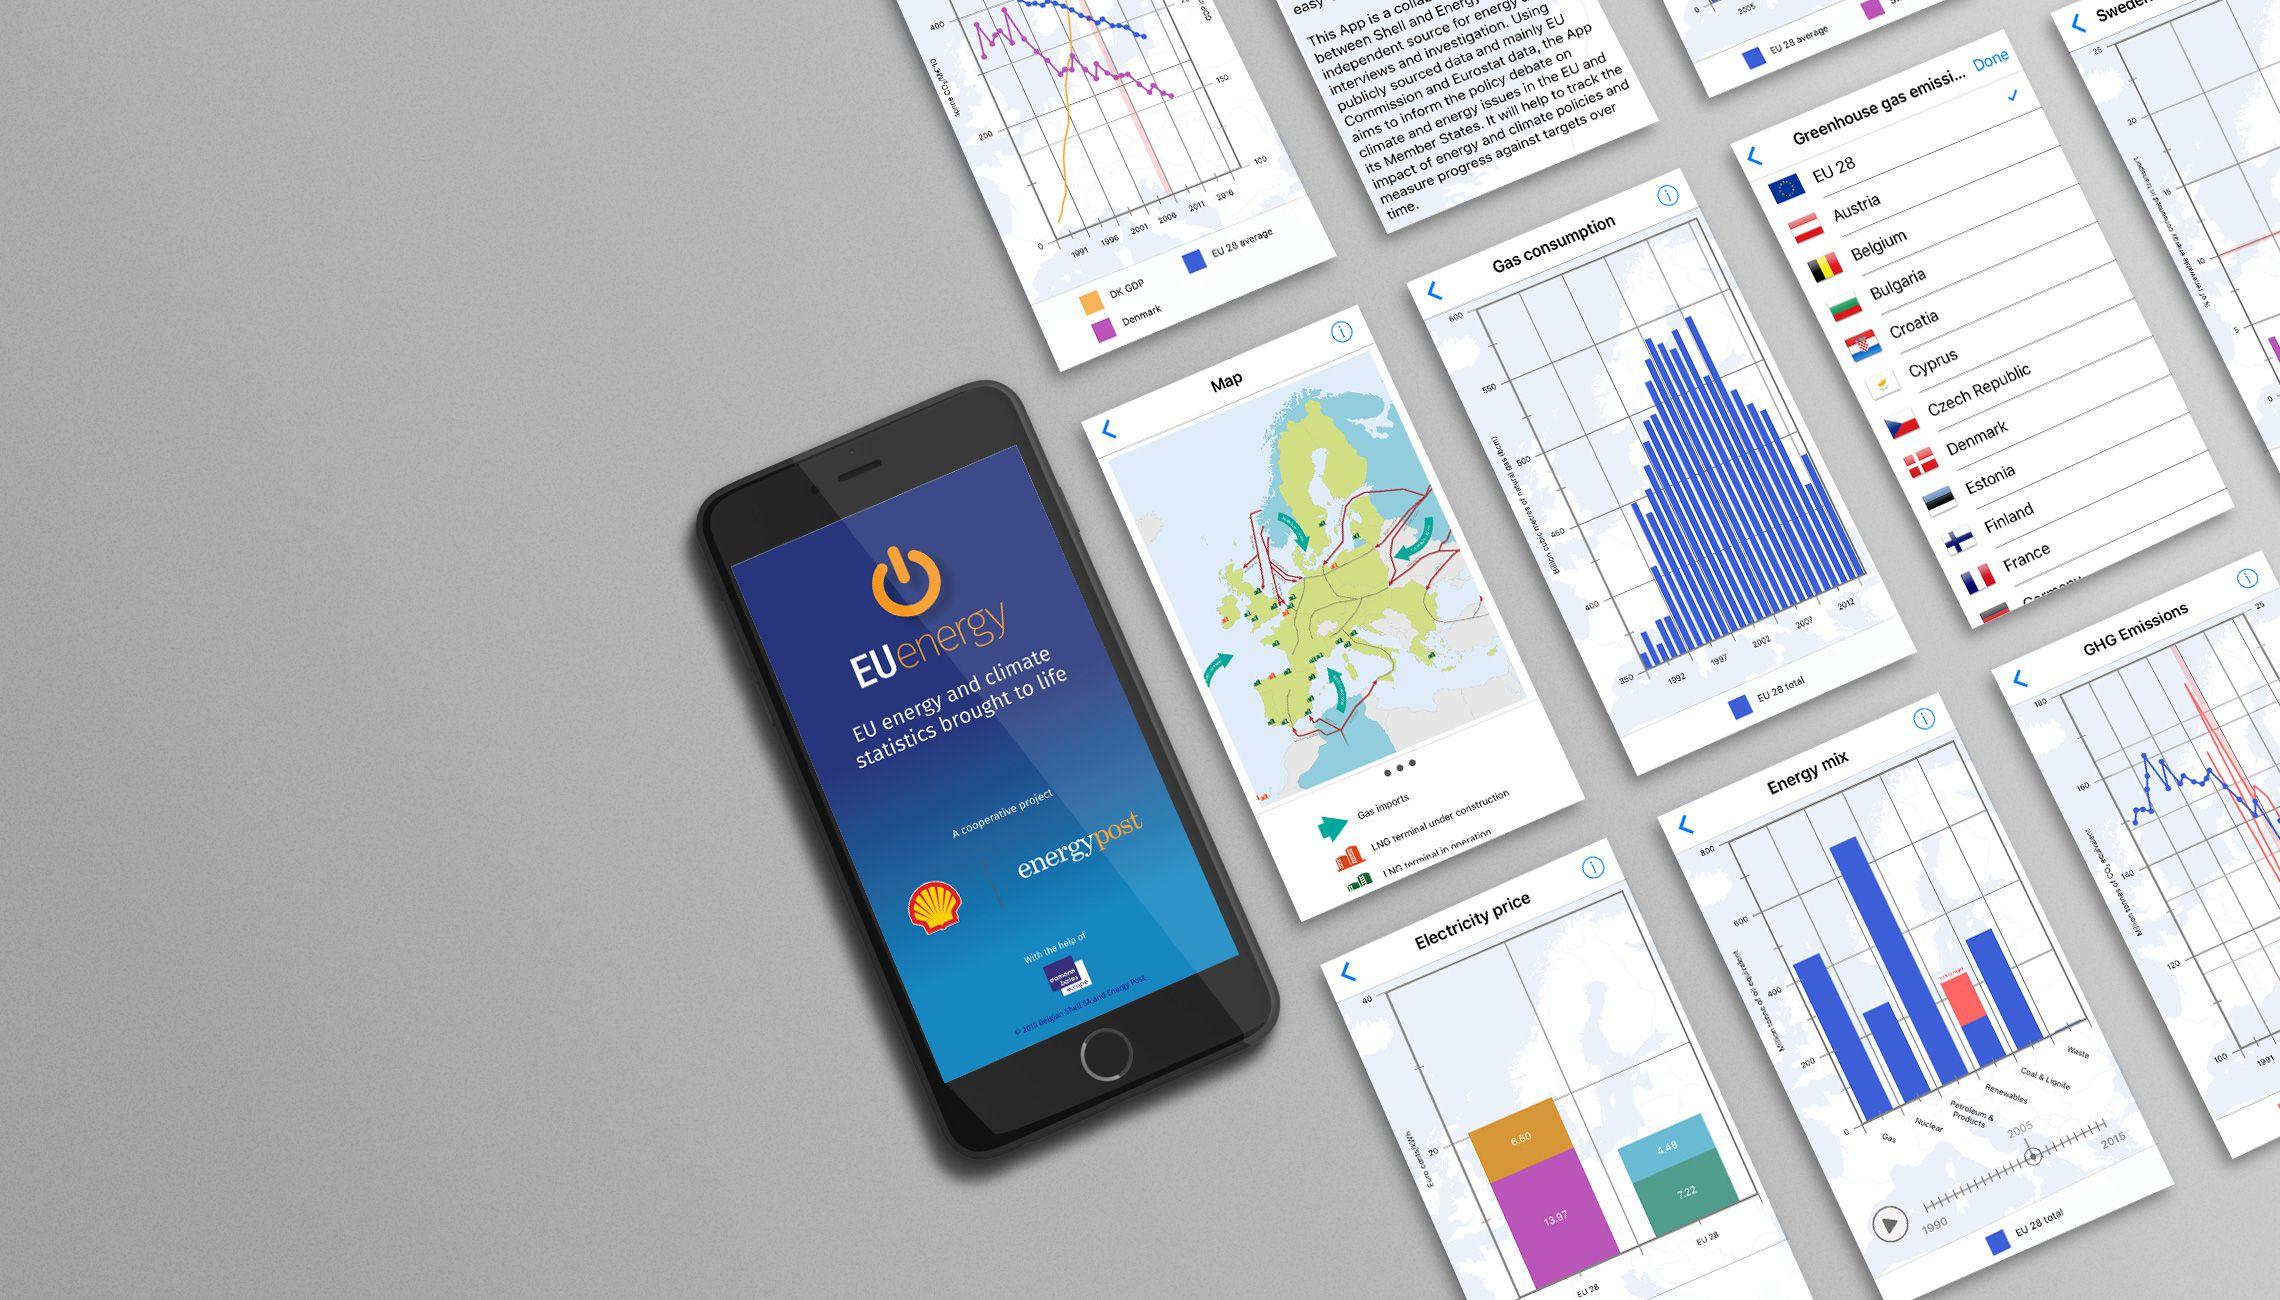 web: EU energy app - image 1